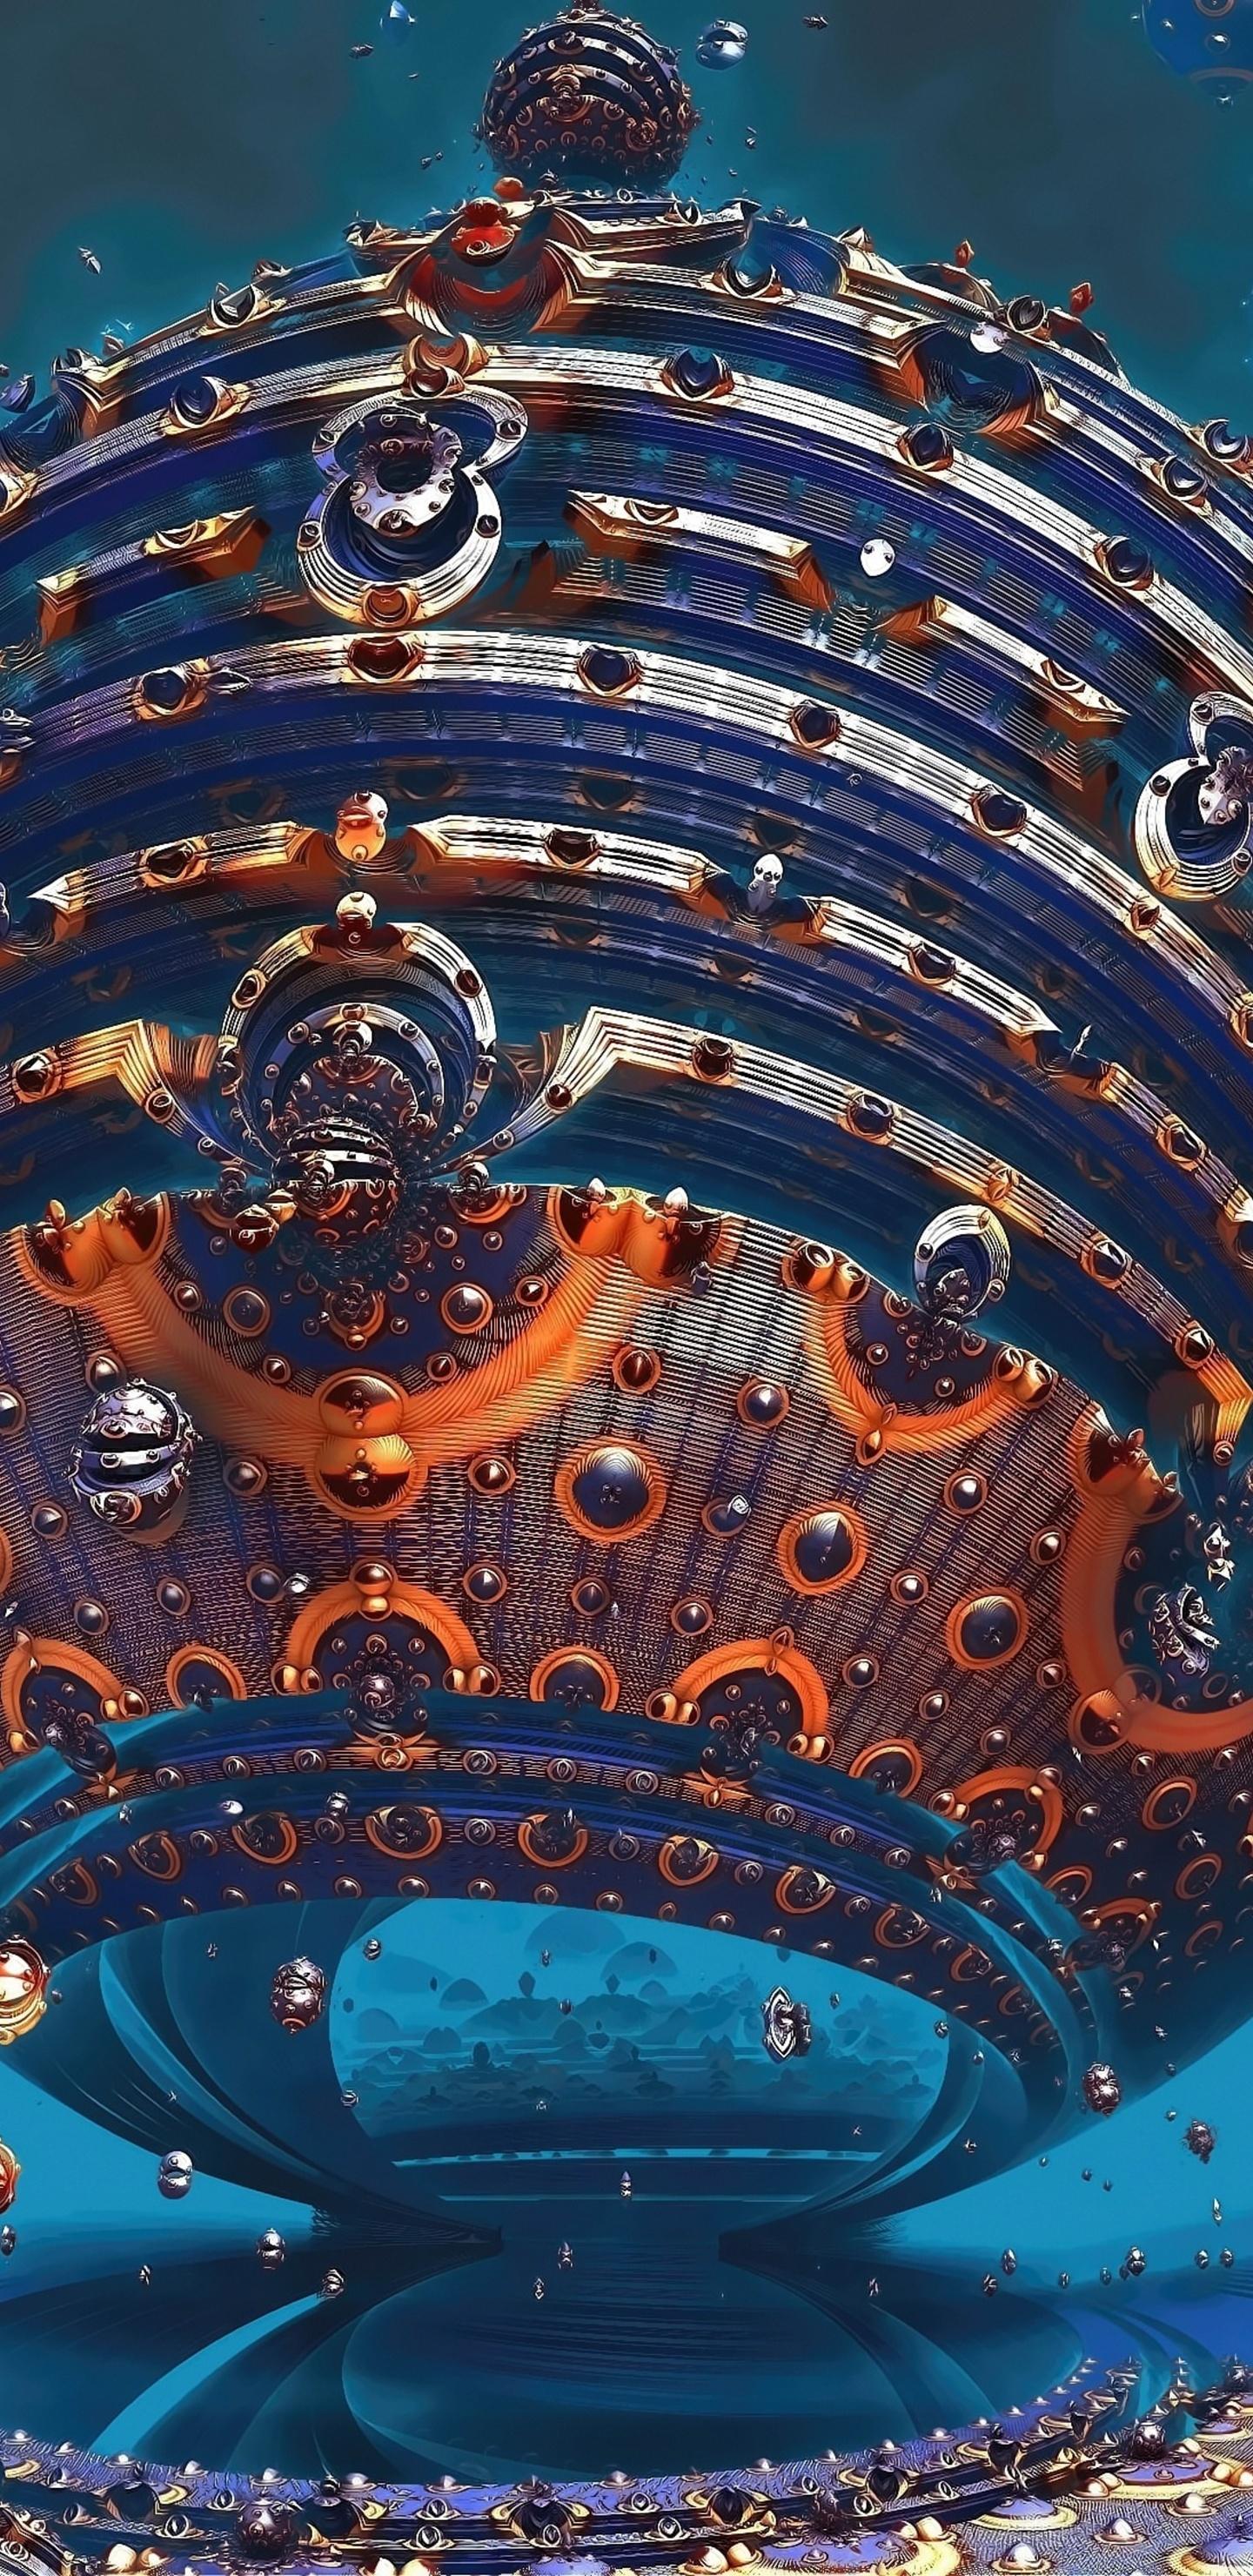 fractal-sphere-3d-4k-6r.jpg